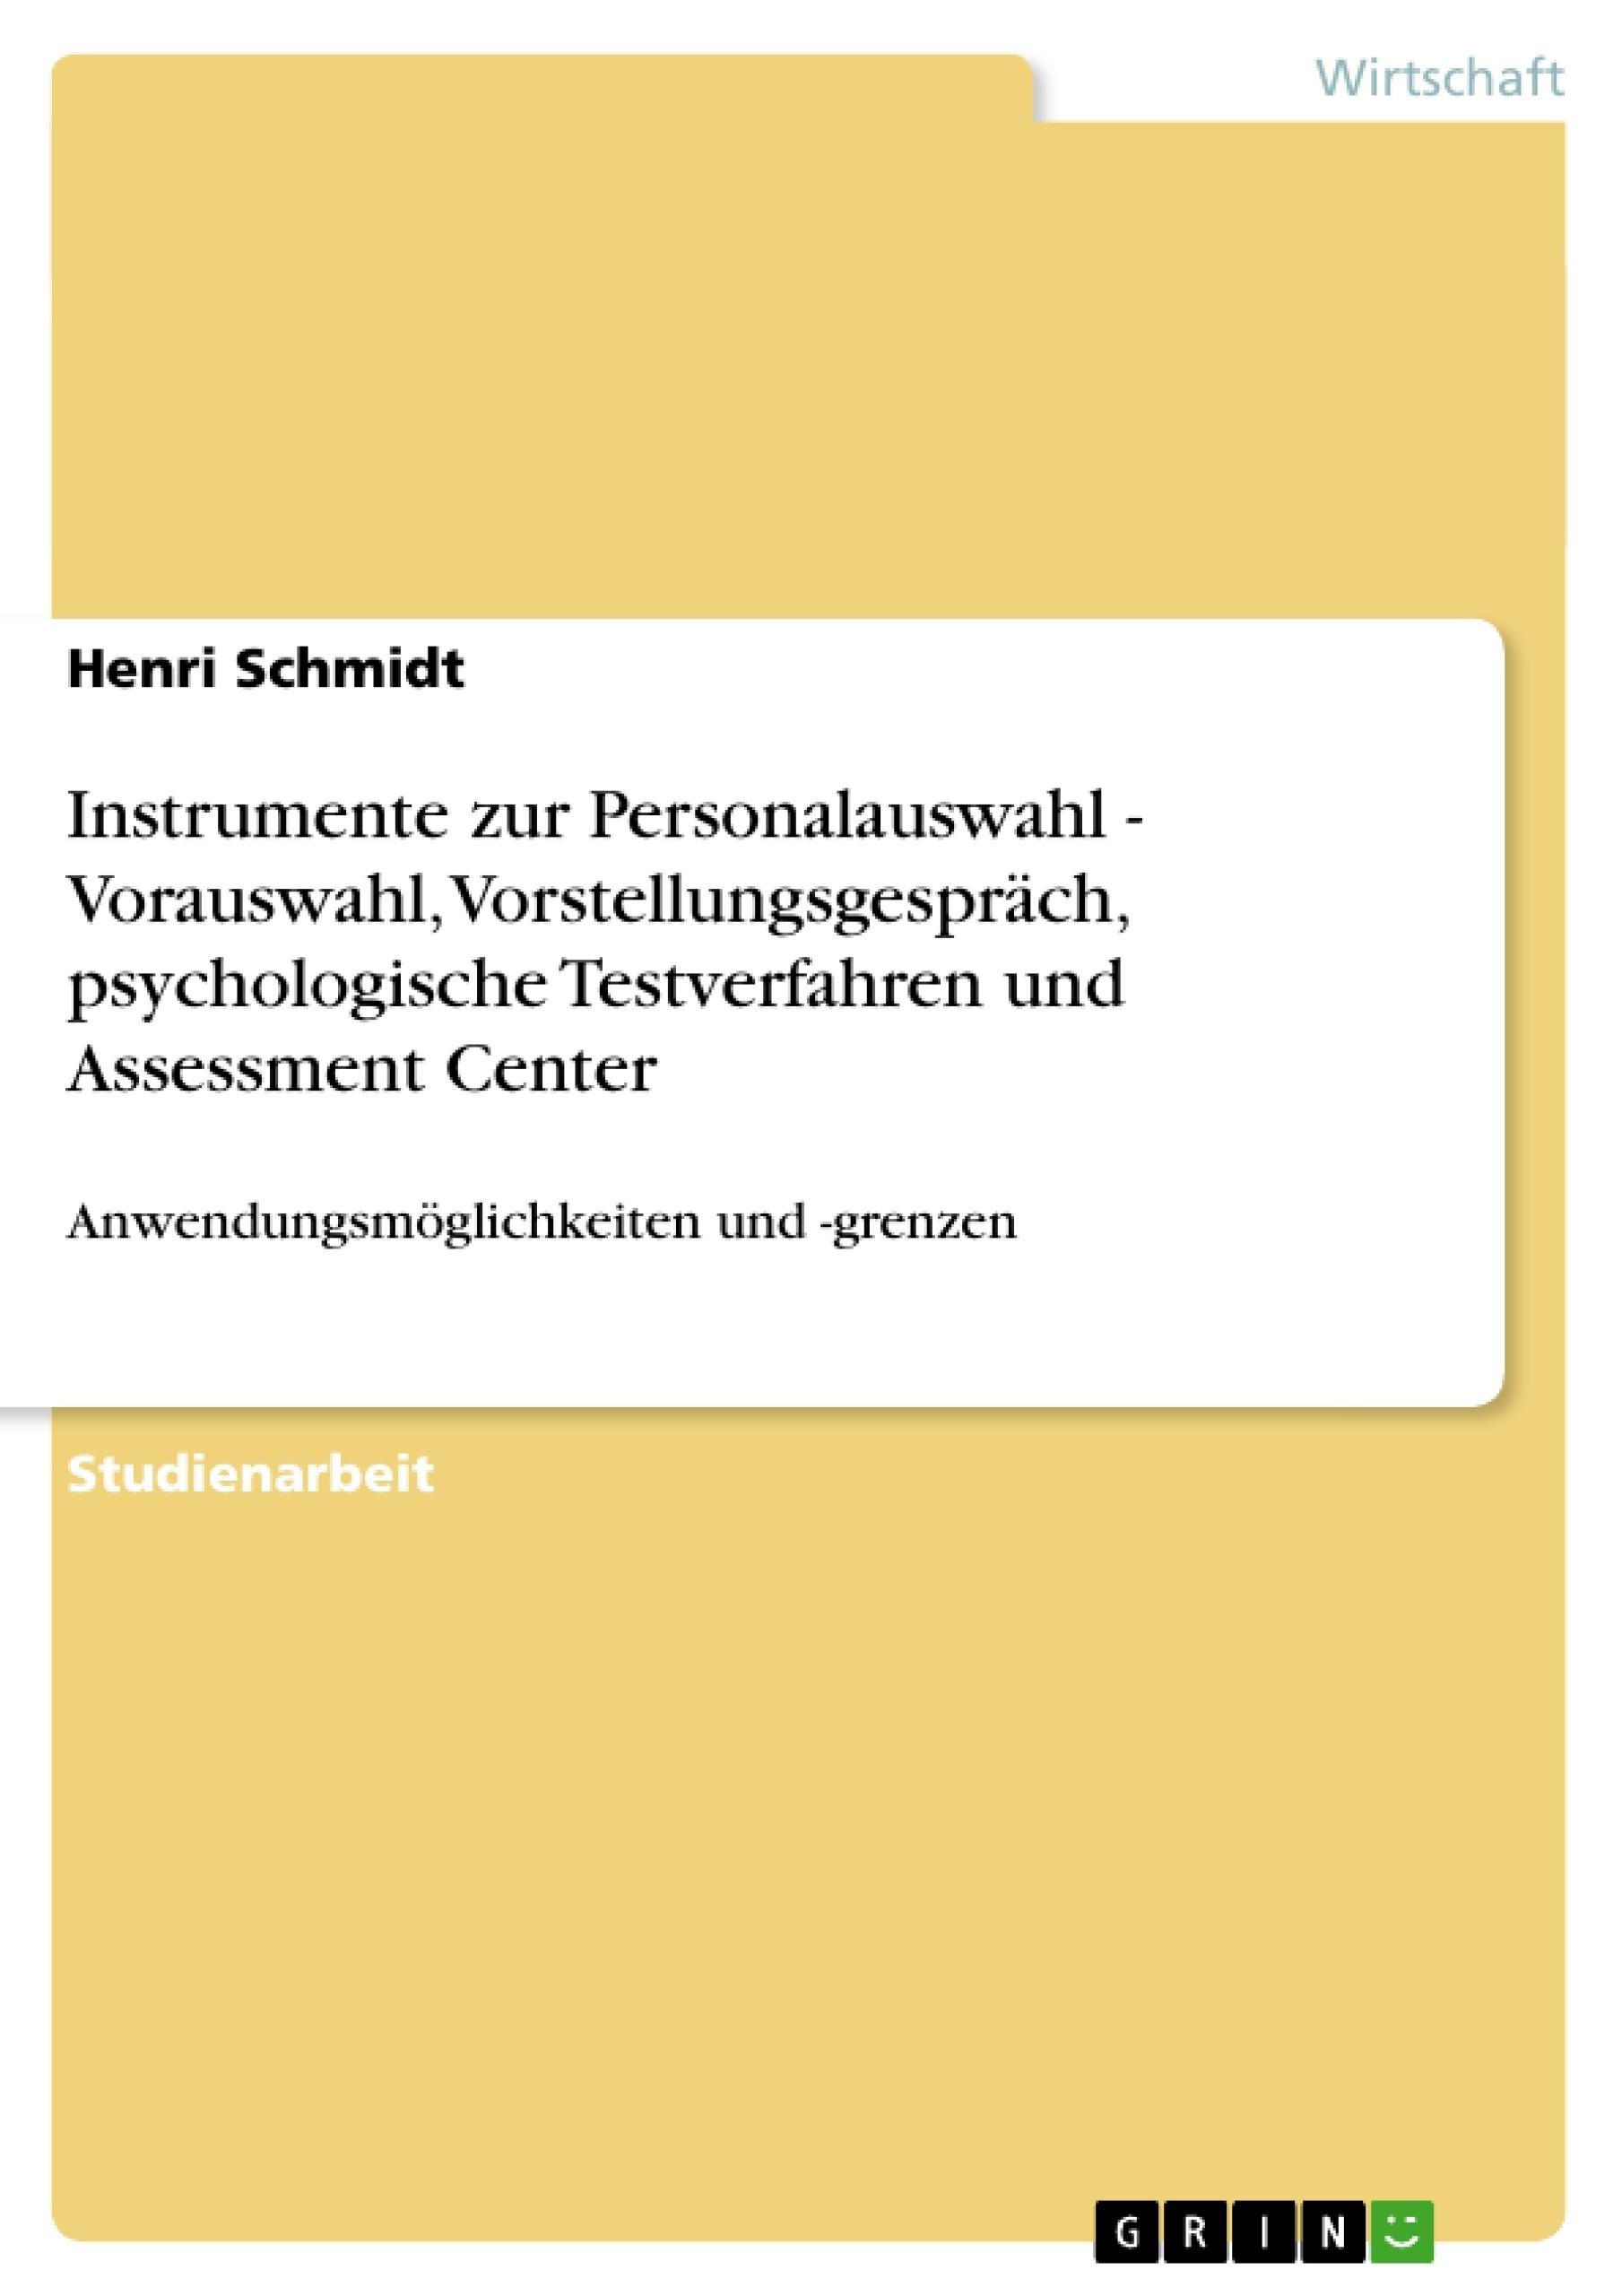 Titel: Instrumente zur Personalauswahl - Vorauswahl, Vorstellungsgespräch, psychologische Testverfahren und Assessment Center